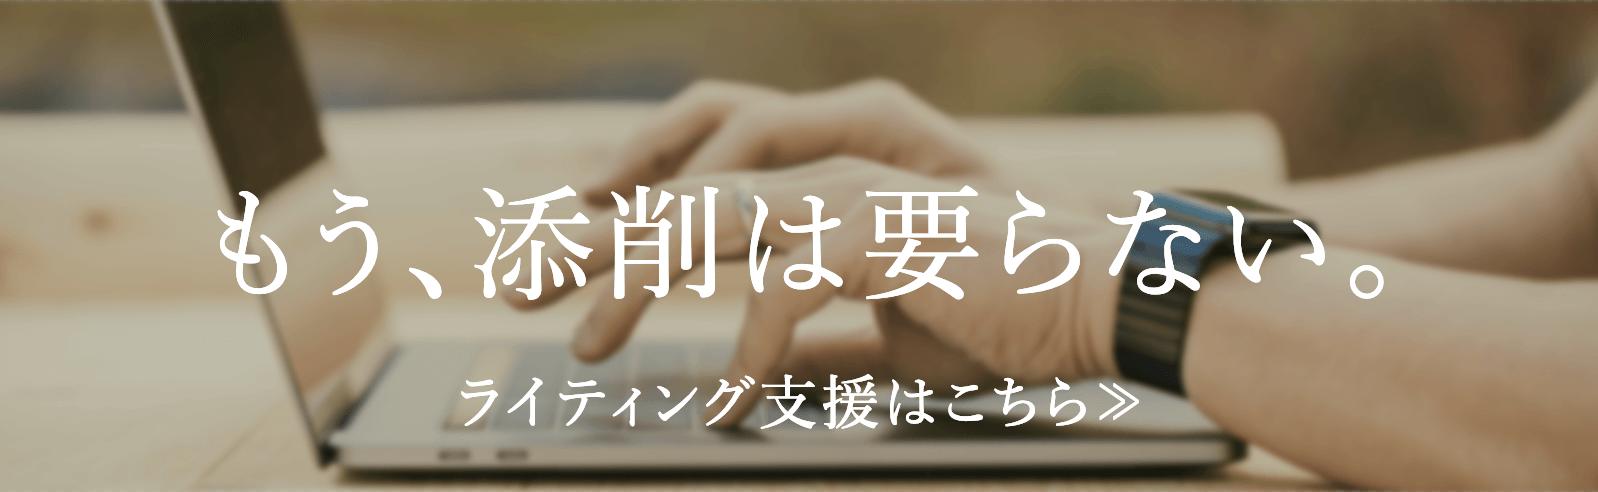 MOBILE_WRITING